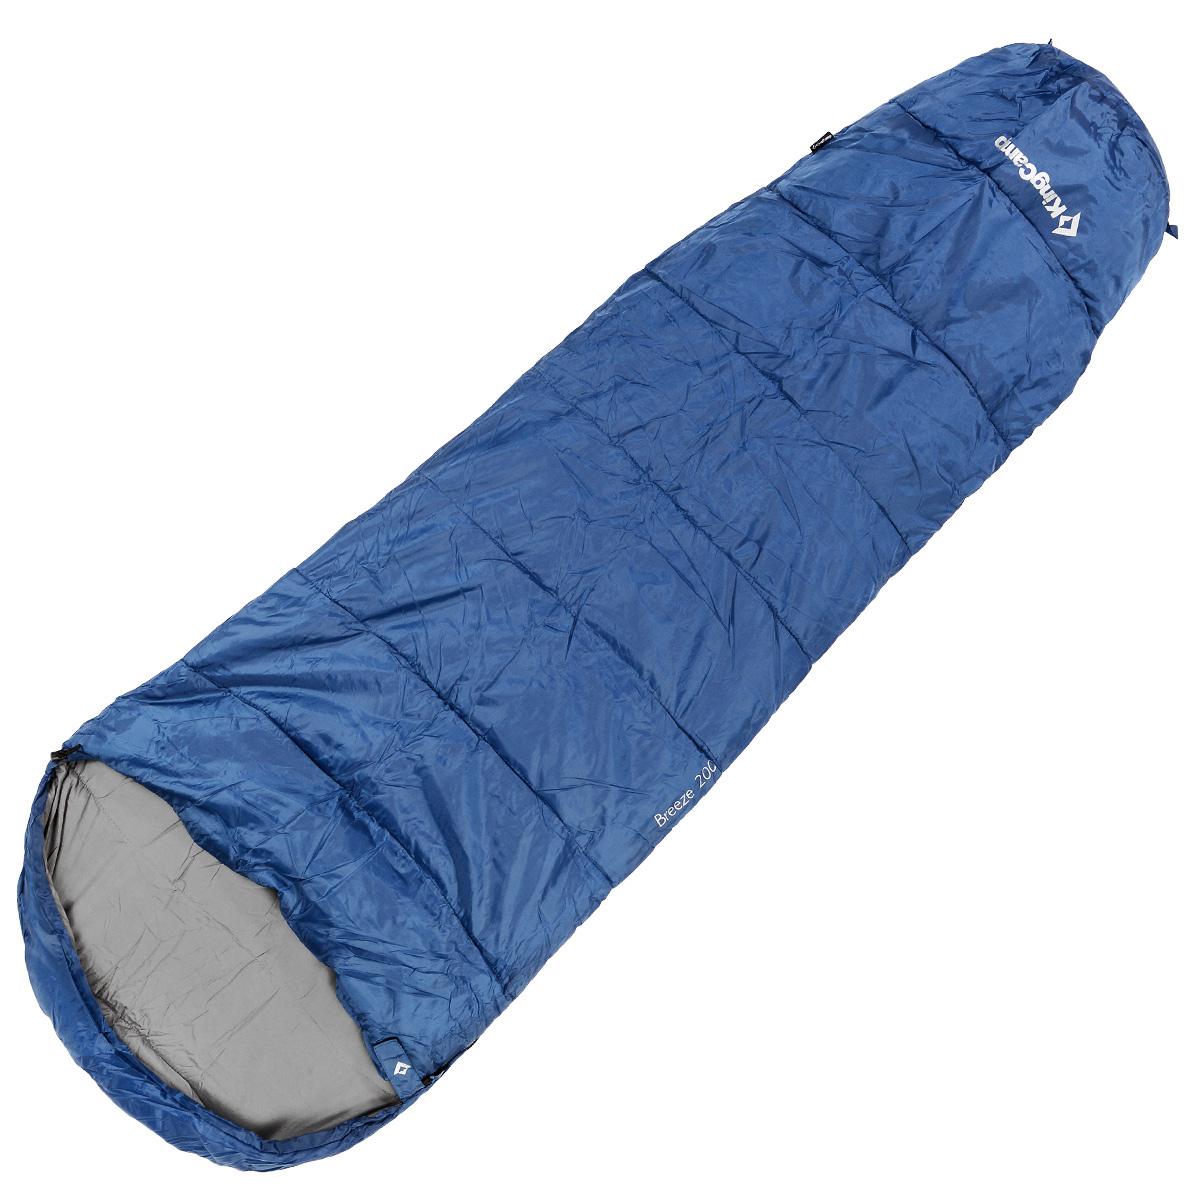 Спальный мешок-кокон KingCamp Breeze, цвет: синий, 215 см x 80 см х 55 см, правосторонняя молния67742Спальный мешок-кокон KingCamp Breeze предусмотрен как для лета, так и для прохладного времени года, так как рассчитан на температуру от -4°C до +11°С. Спальный мешок выполнен в форме кокона, имеет удобный подголовник. В сложенном виде спальный мешок занимает очень мало места и весит совсем немного. Оснащен удобным нейлоновым компрессионным мешком для переноски. Отлично подходит для летних походов, кемпинга, треккинга и велотуризма.Вес: 1,2 кг.